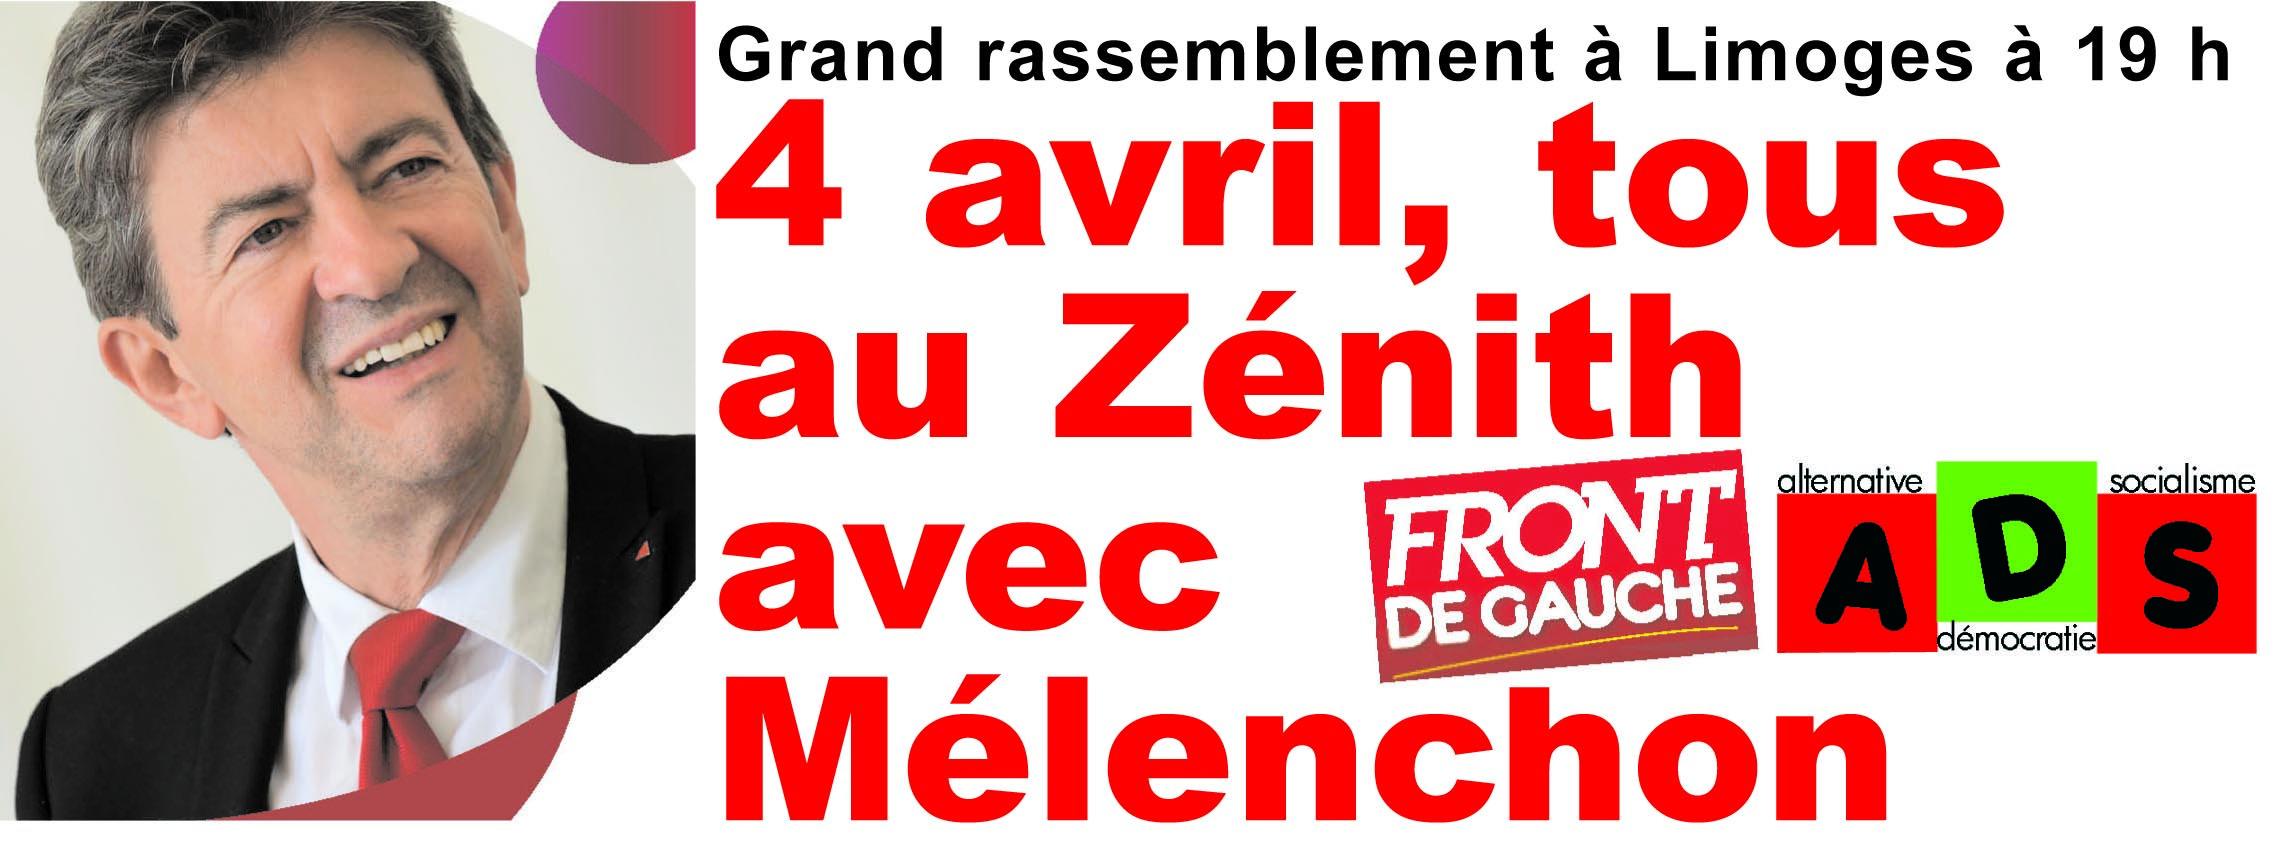 Pour se rendre au meeting du 4 avril au Zénith de Limoges avec Jean-Luc Mélenchon : plus de 30 cars dans Actu zenith